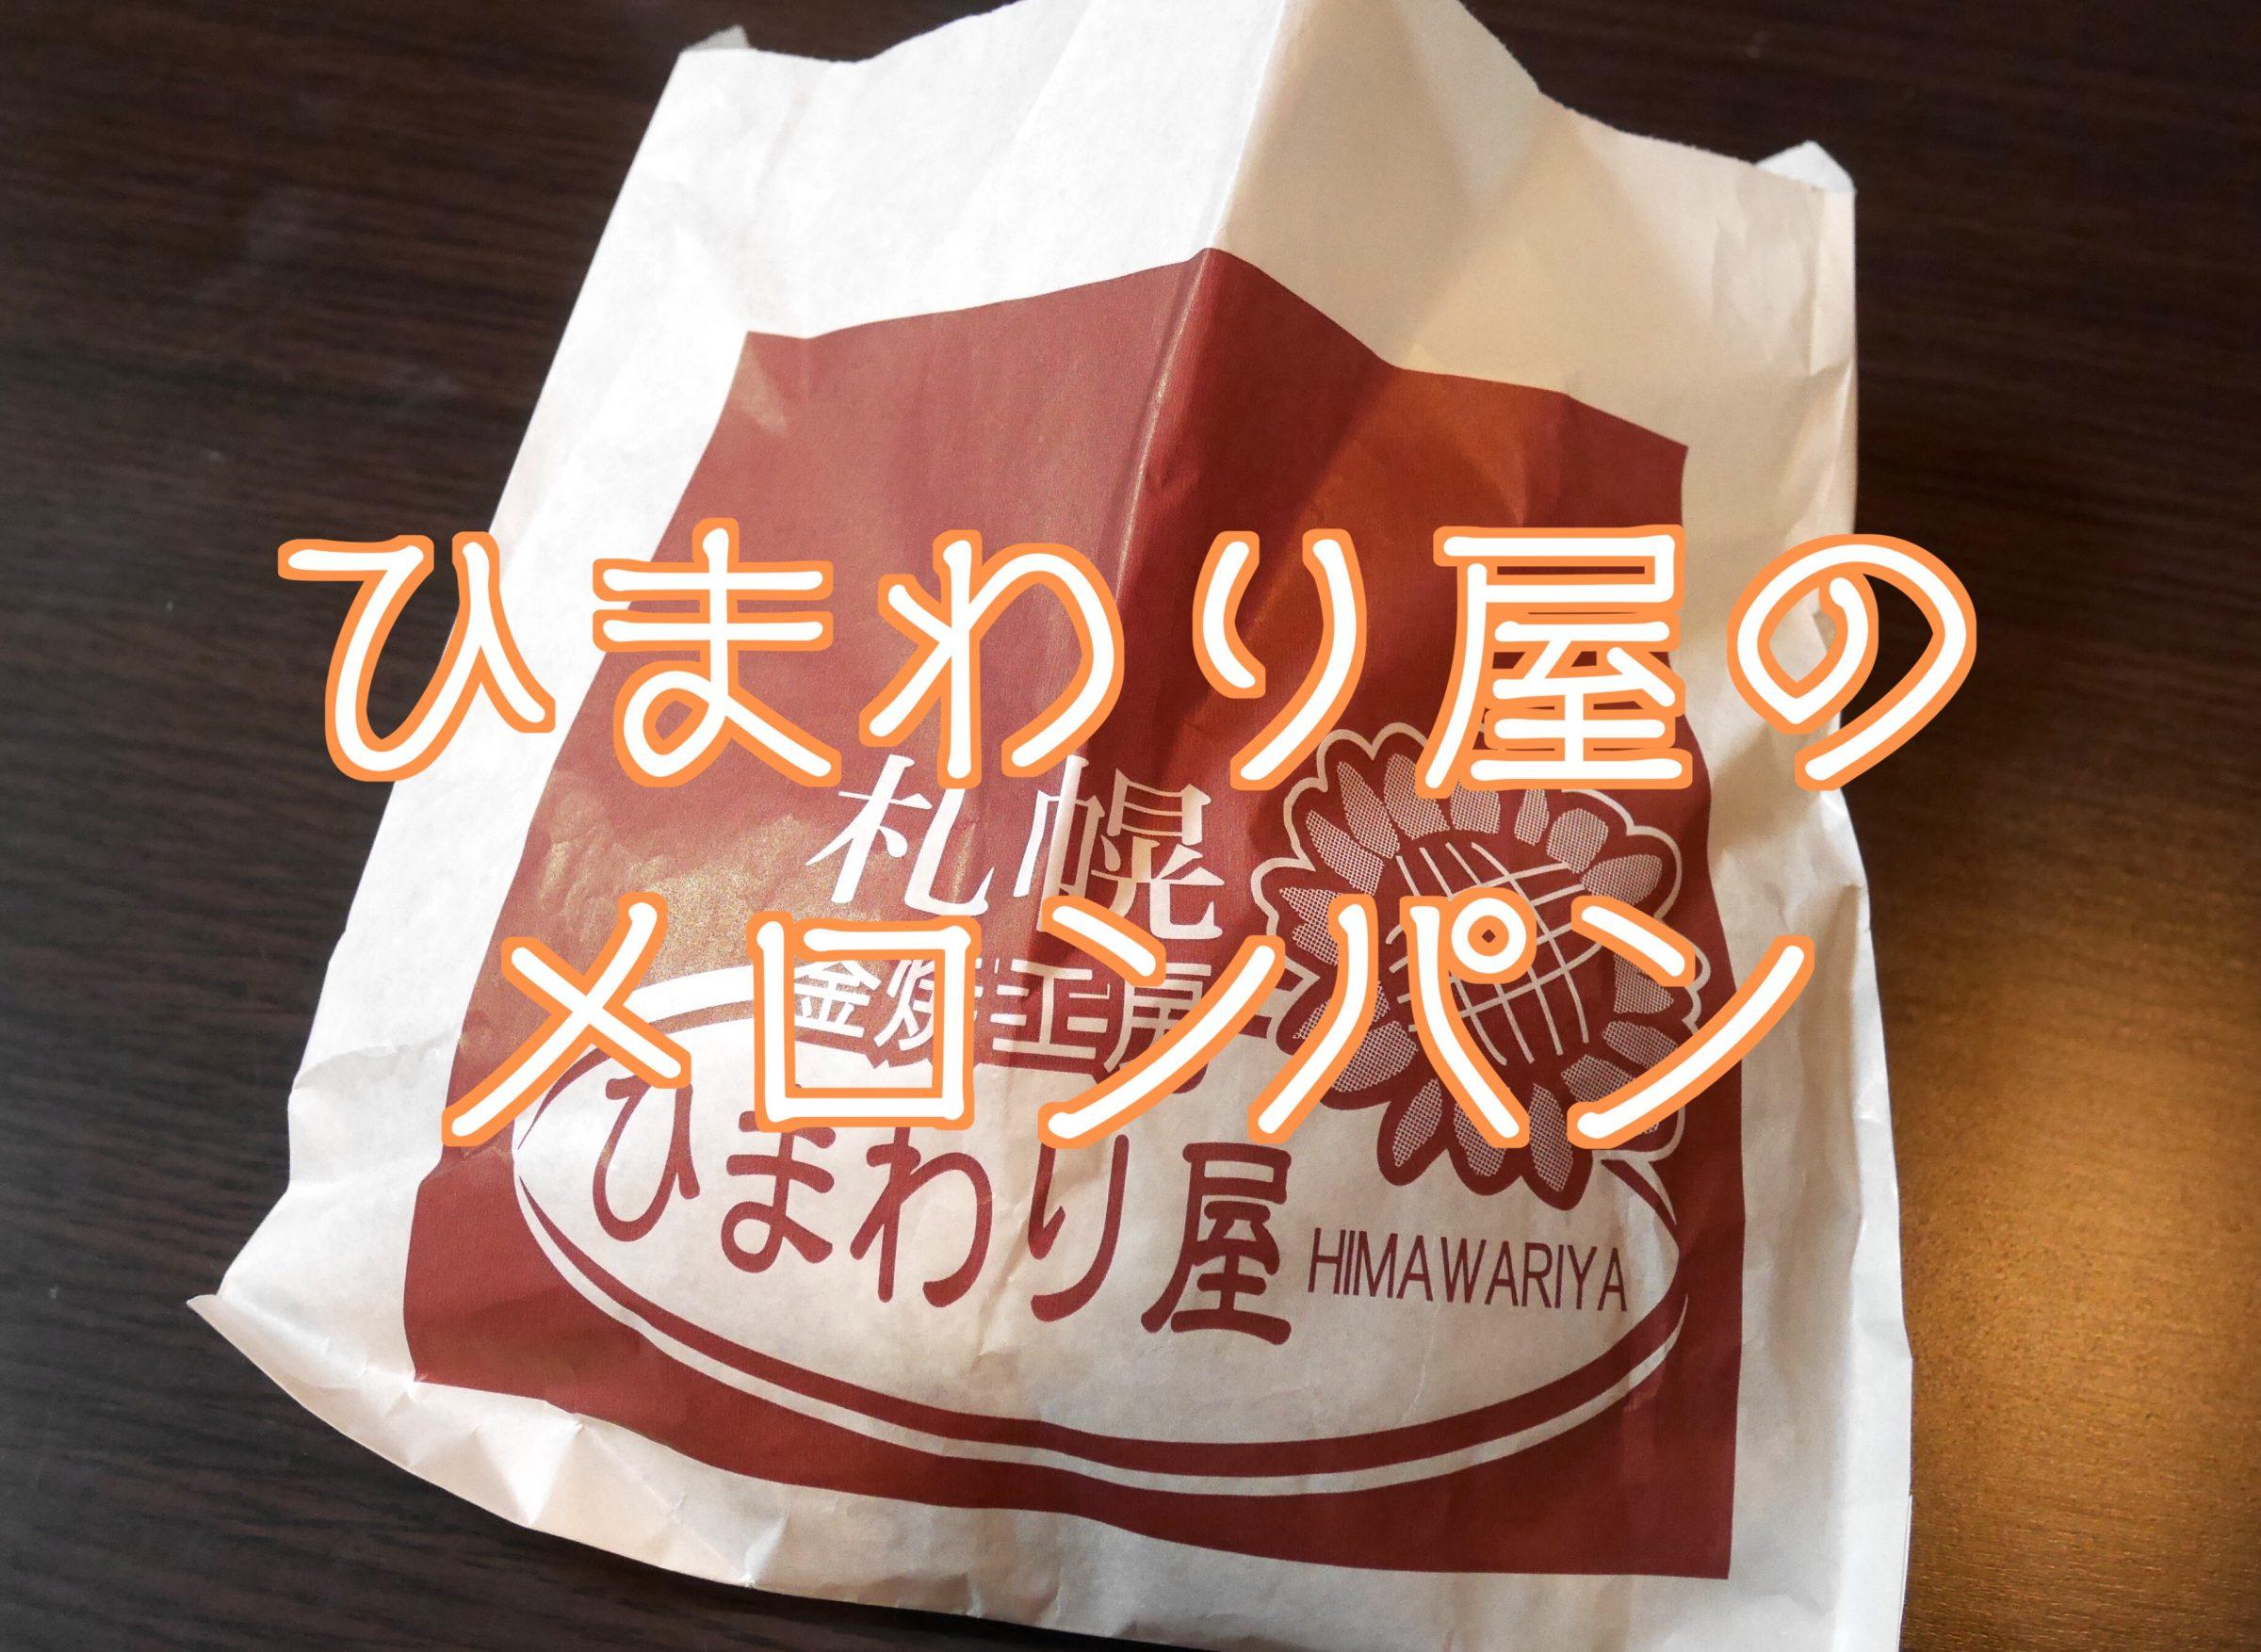 ふと北海道が恋しくなったから伊勢丹立川で「ひまわり屋」のメロンパンを買ってみた